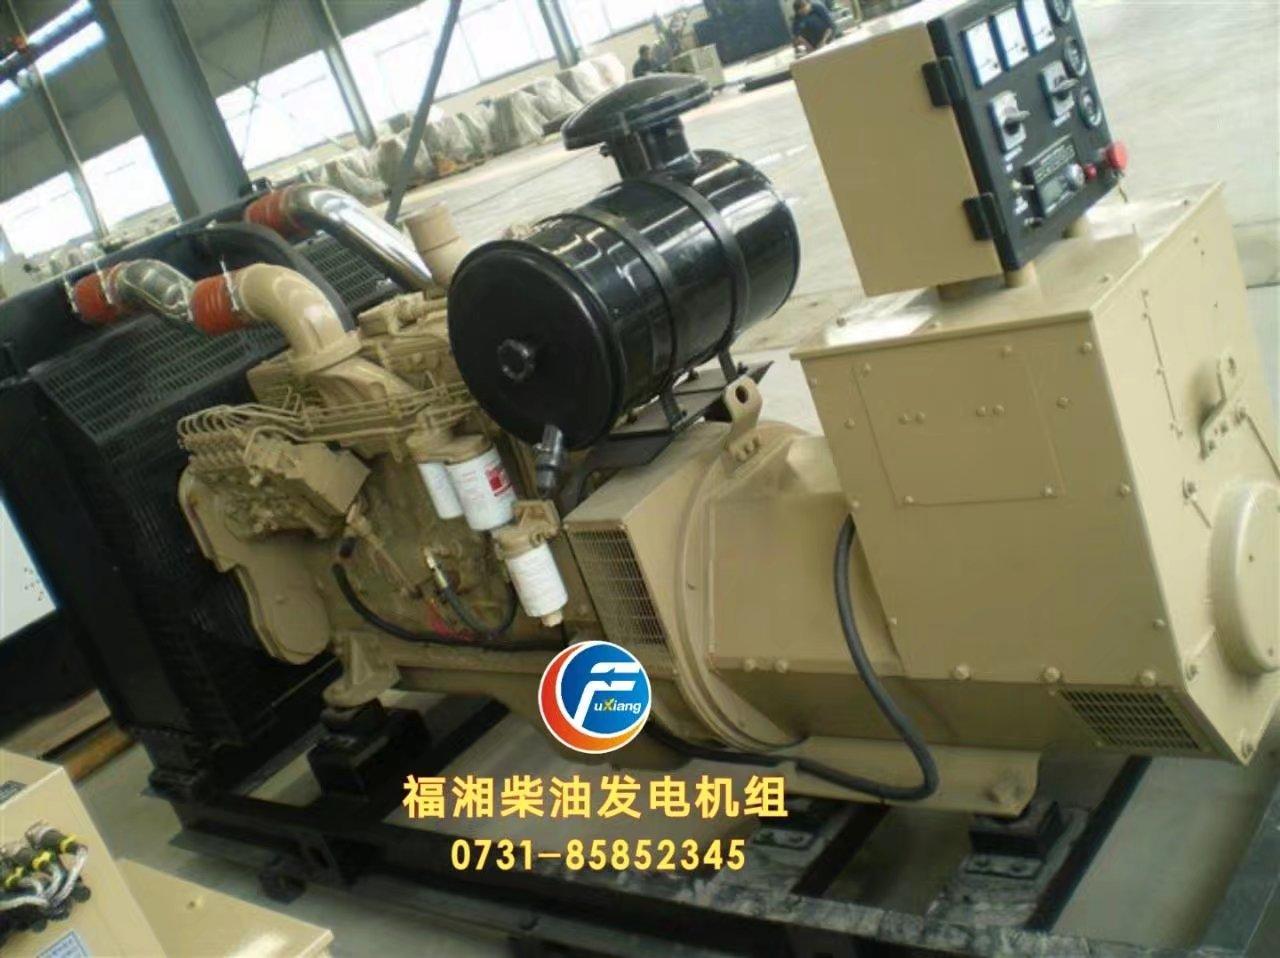 長沙規模大的湖南柴油發電機組廠家推薦 出售湖南康明斯發電機